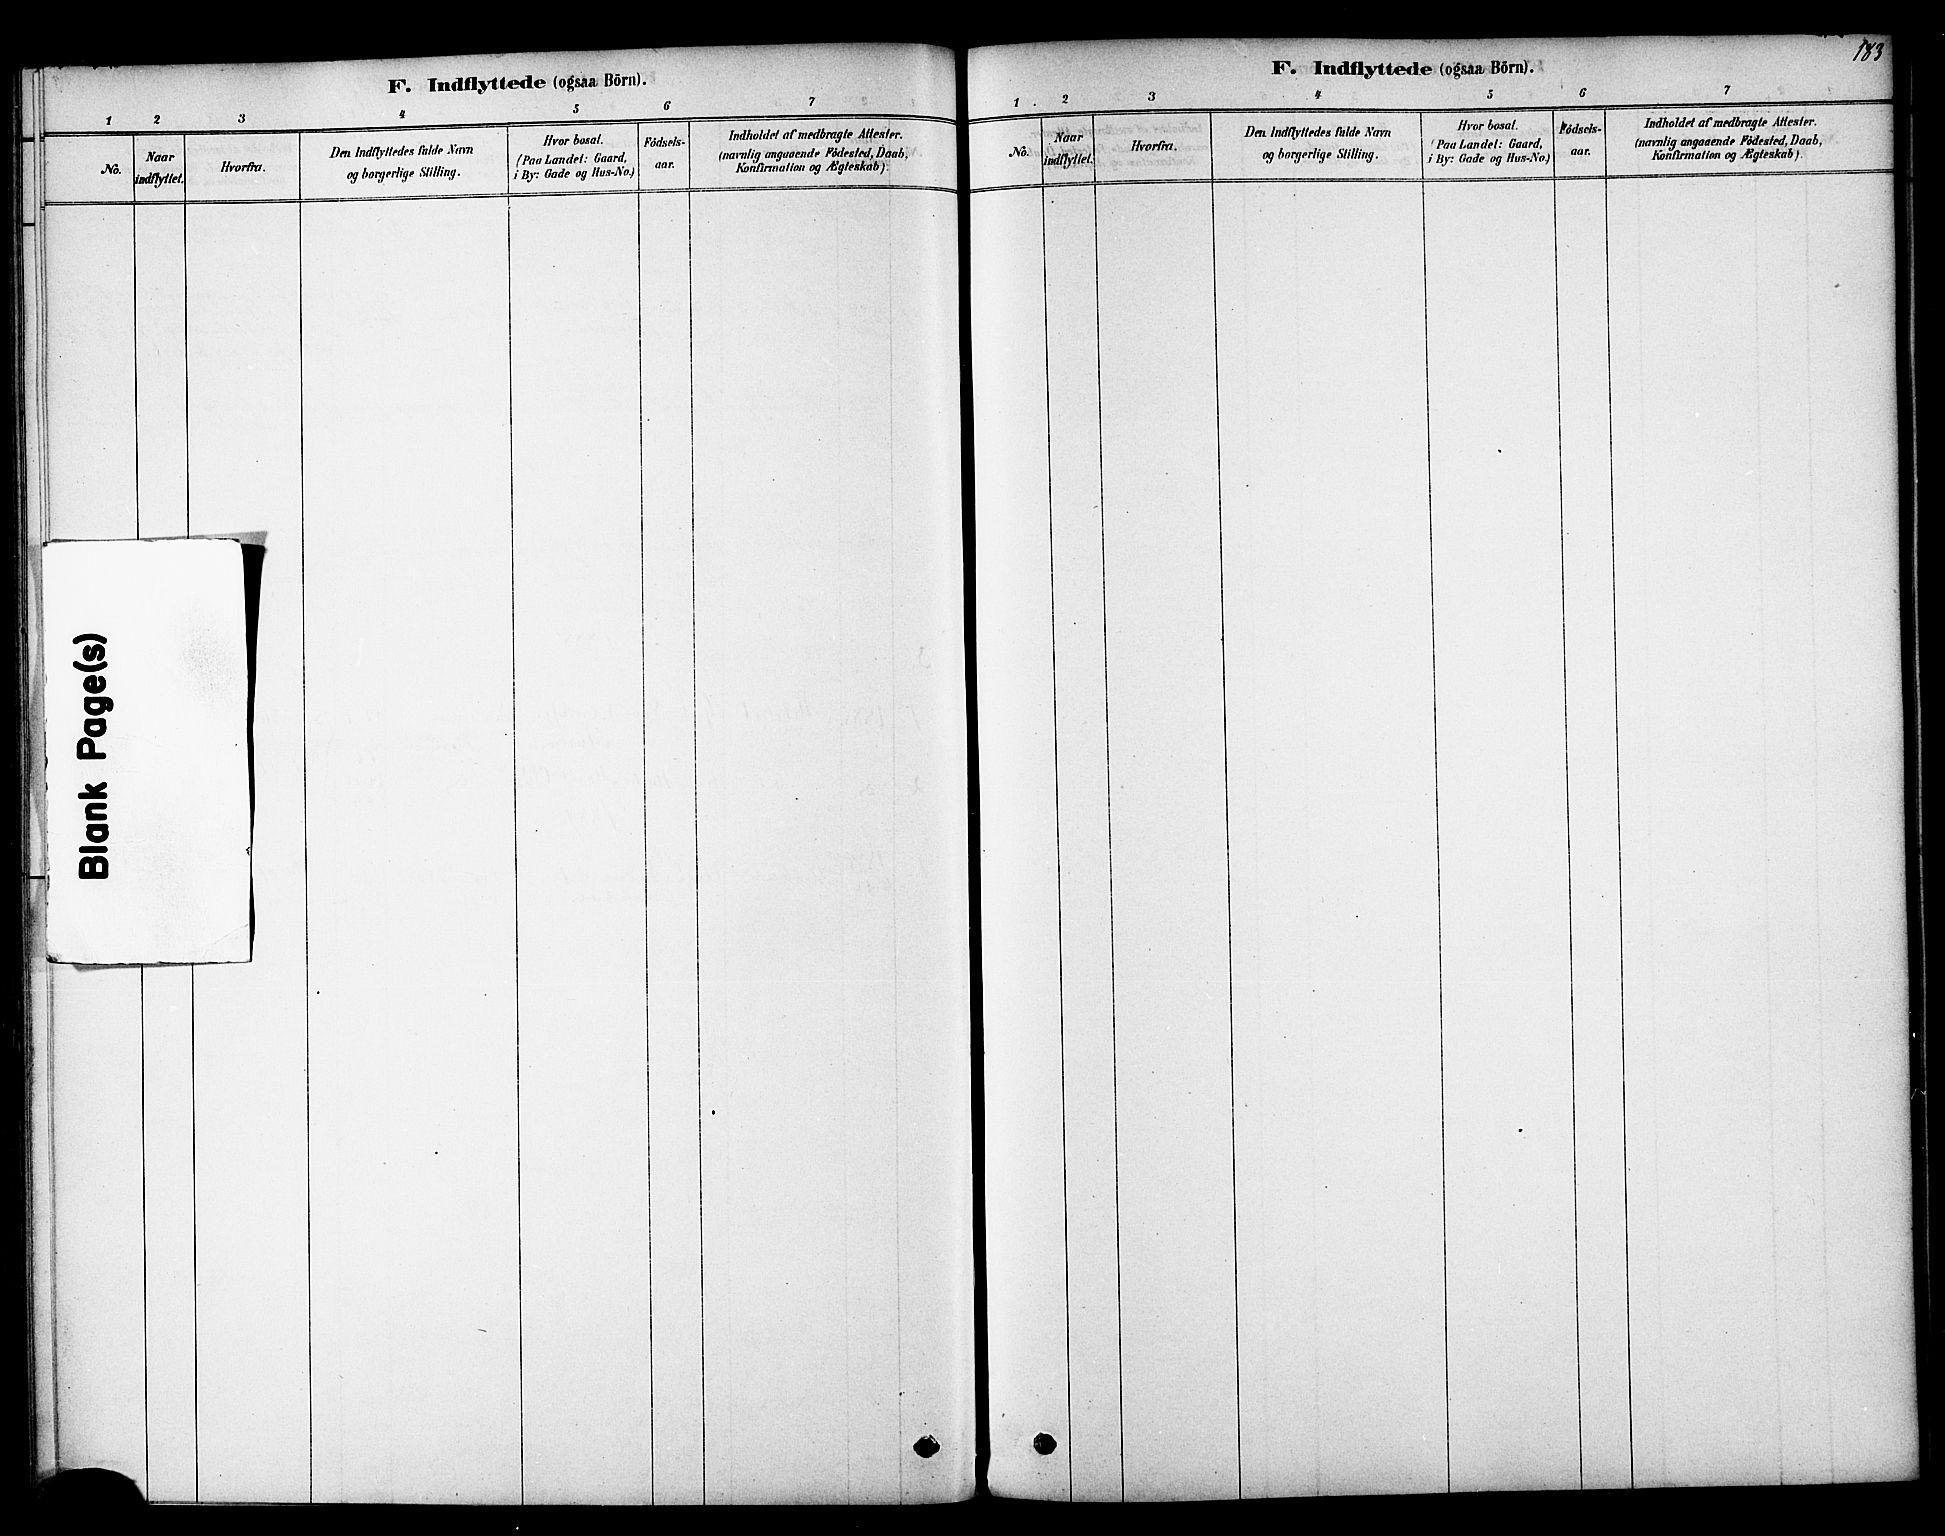 SAT, Ministerialprotokoller, klokkerbøker og fødselsregistre - Sør-Trøndelag, 692/L1105: Ministerialbok nr. 692A05, 1878-1890, s. 183